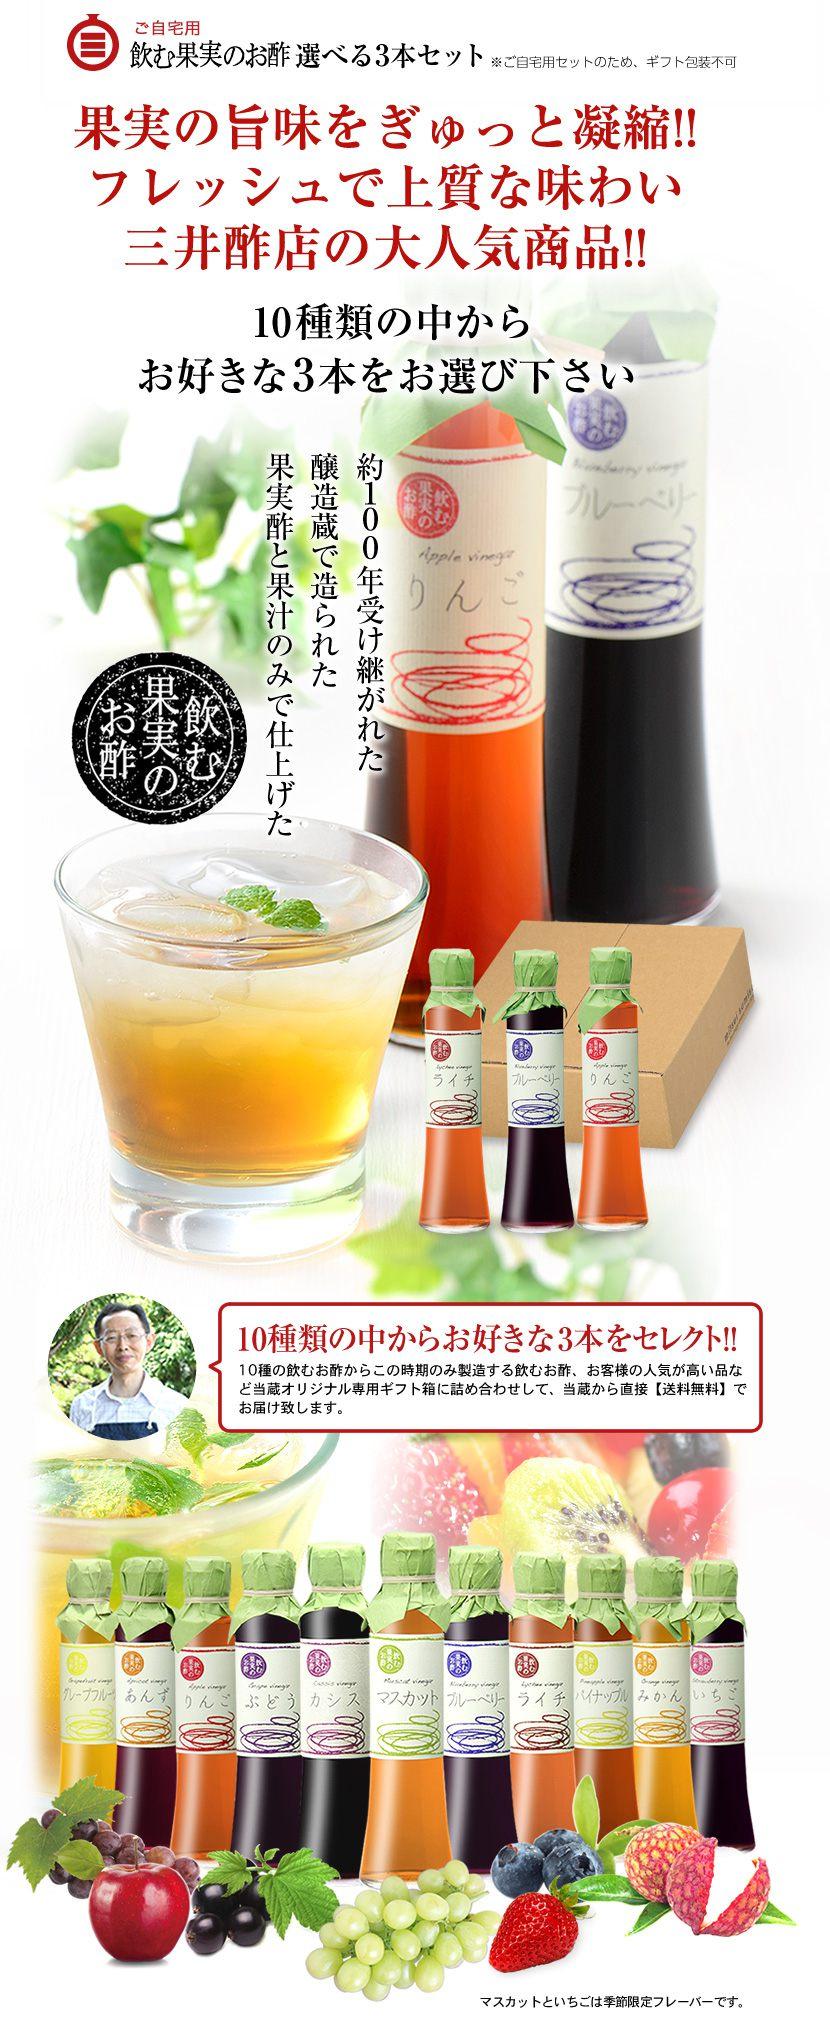 飲む果実のお酢おすきな3本セット 約100年受け継がれた醸造蔵で造られた果実酢と果汁のみで仕上げた